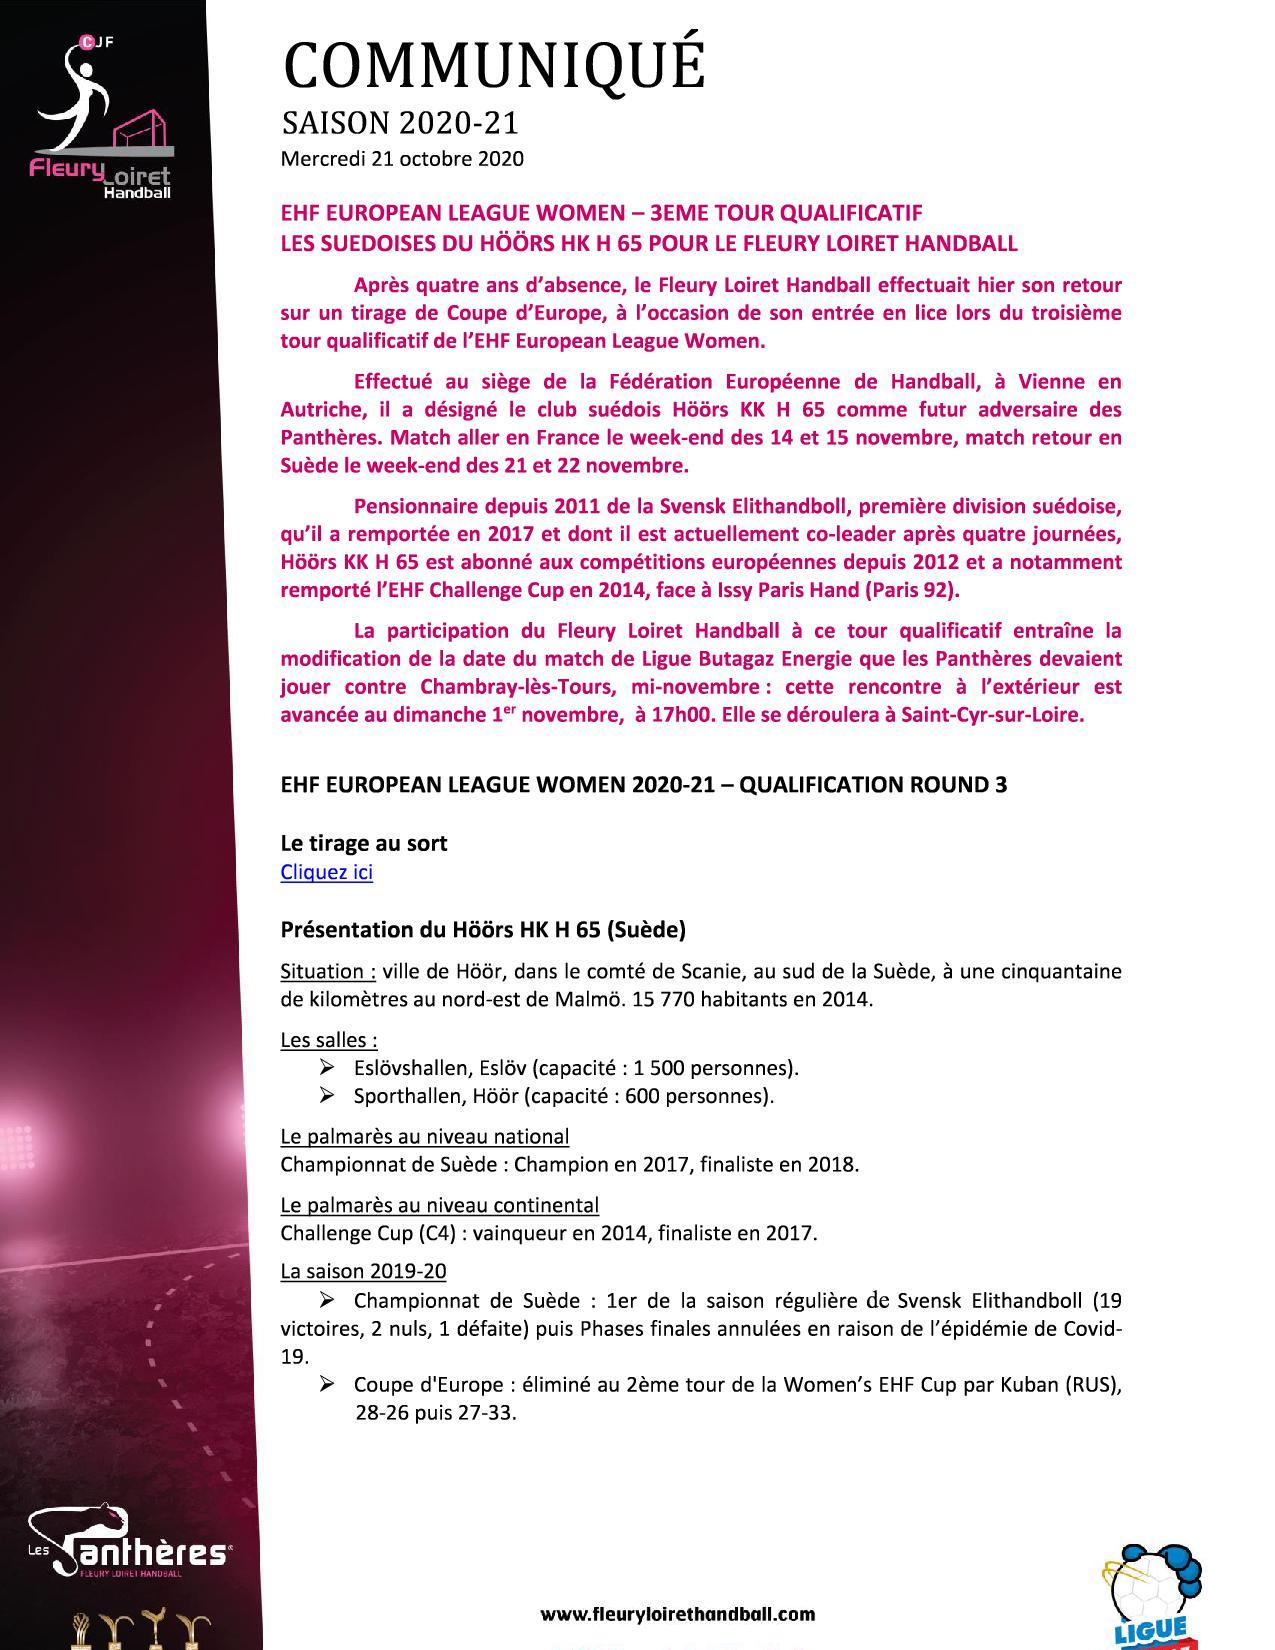 Communiqué Fleury Loiret Handball - Mercredi 21 octobre 2020.jpg